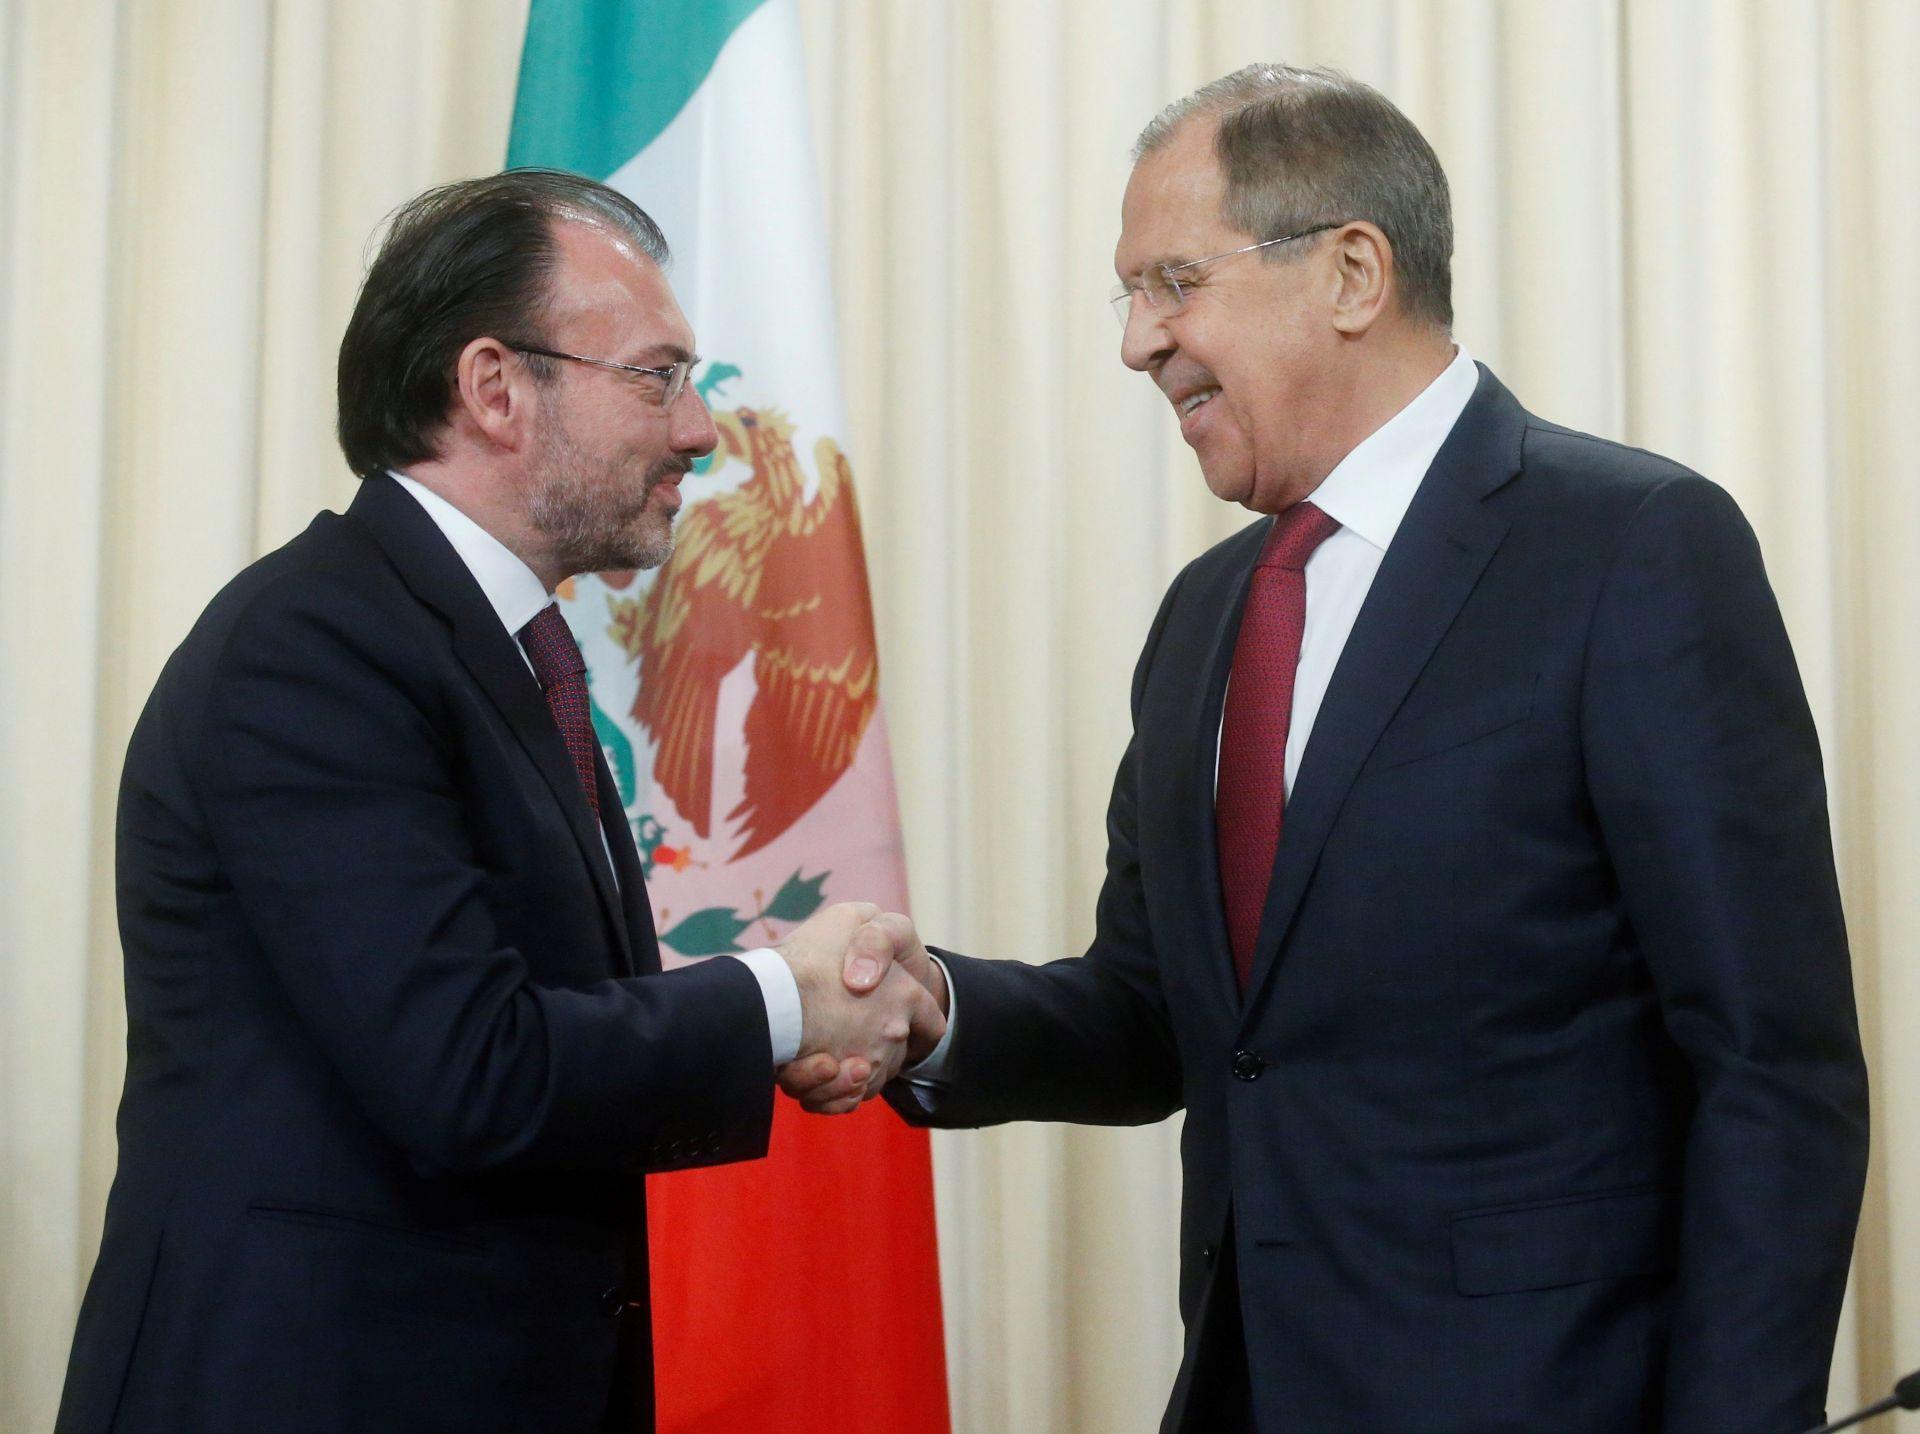 El ministro de Asuntos Exteriores mexicano, Luis Videgara (i), estrecha la mano de su homólogo ruso, Sergéi Lavrov, durante la rueda de prensa que ofrecieron tras su reunión en Moscú, Rusia, hoy 17 de noviembre de 2017.